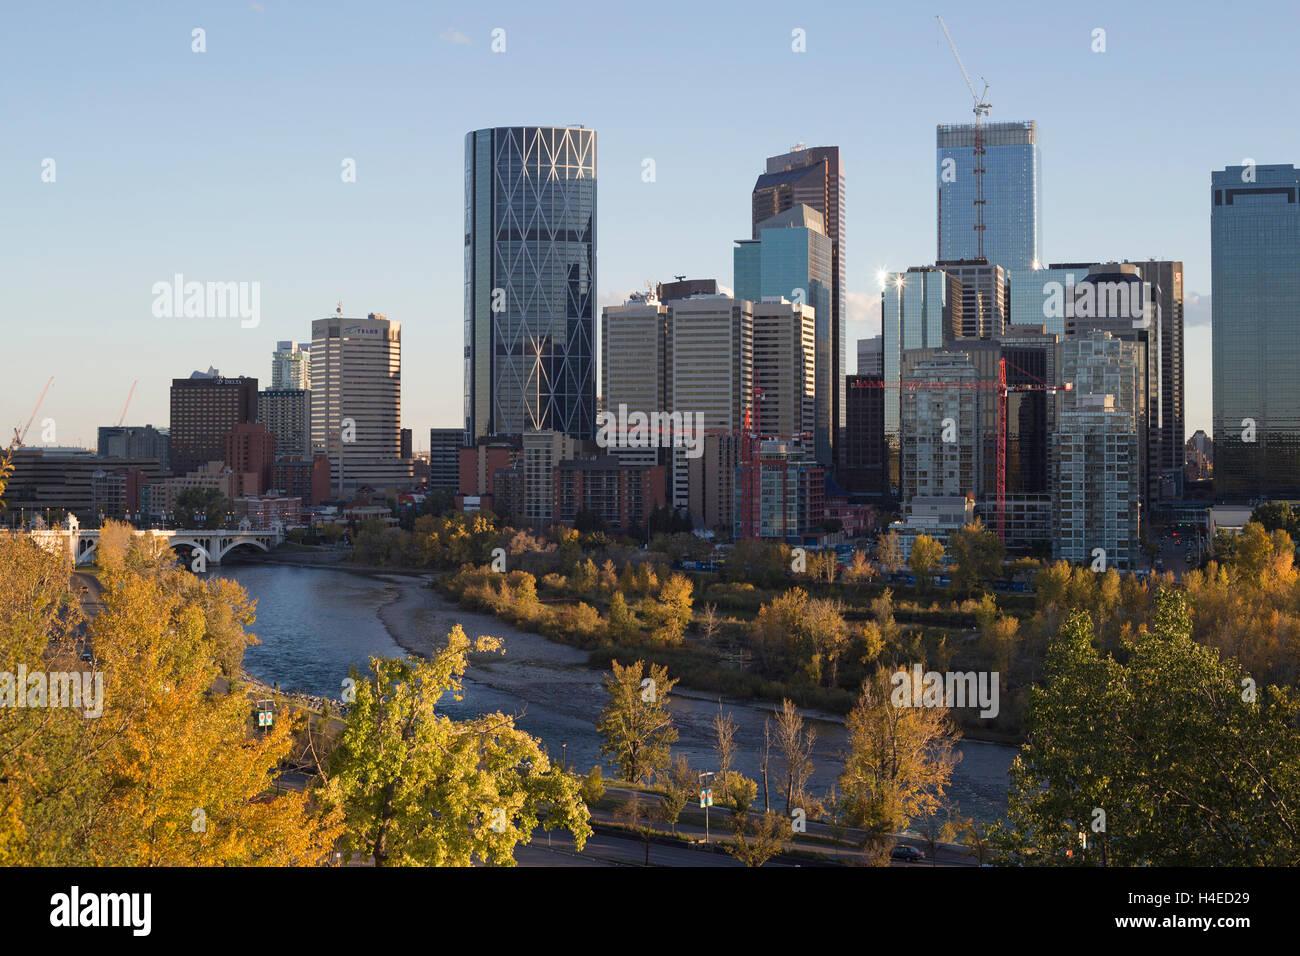 2016 Skyline von Calgary mit Bow River im Vordergrund Stockbild